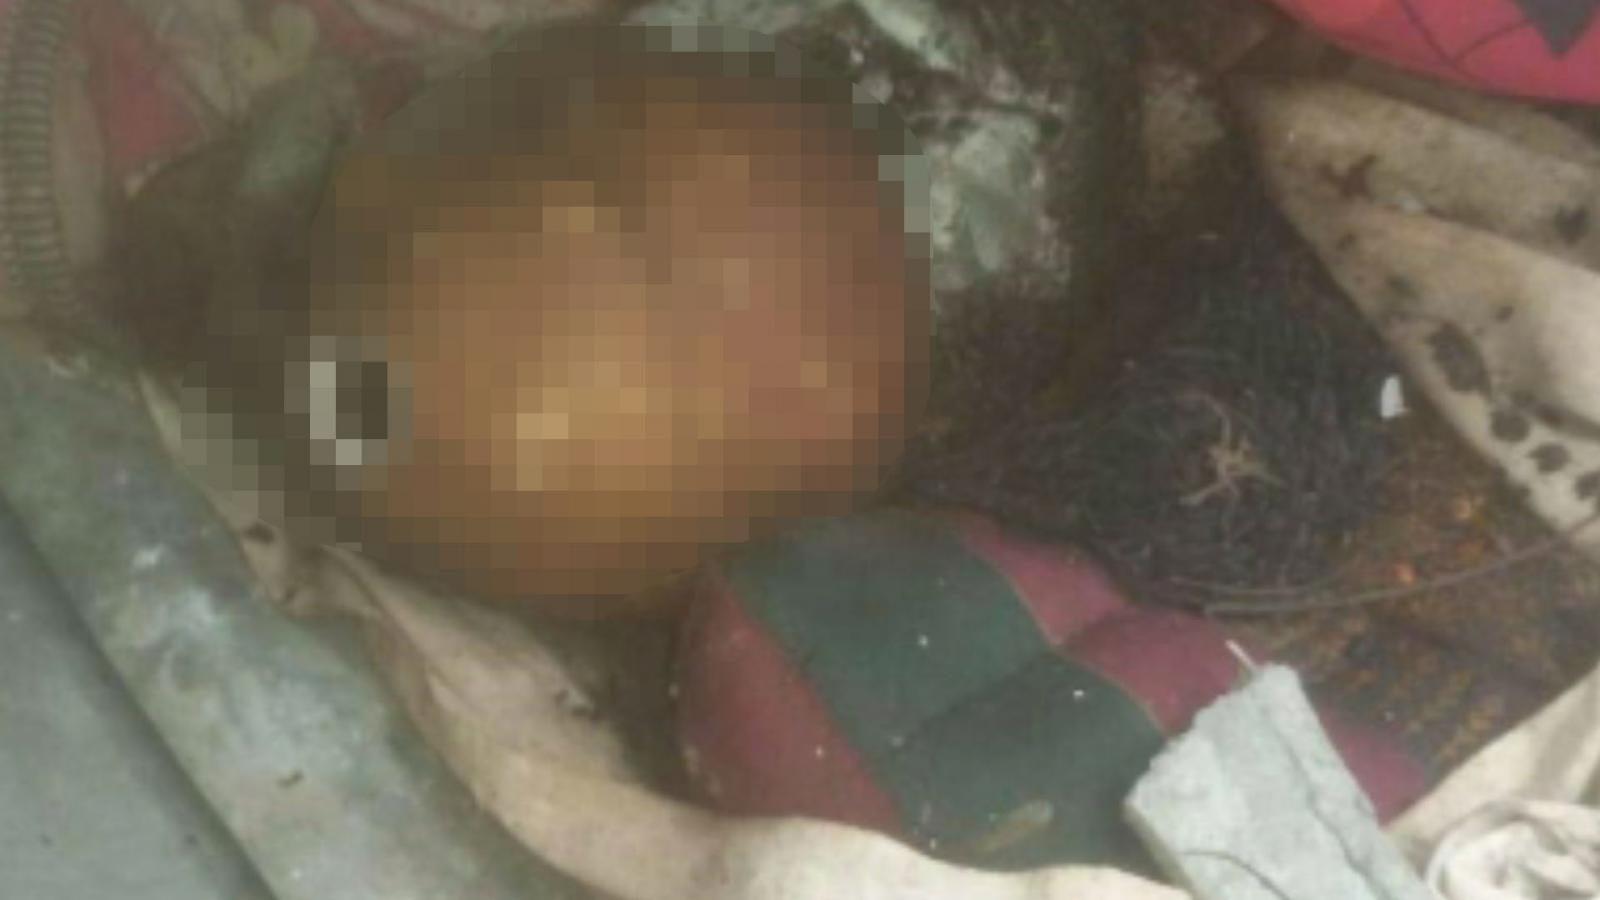 ตำรวจเร่งล่า แก๊งคนร้ายตระเวนเจาะหน้าผากศพเด็ก ไปทำของขลัง